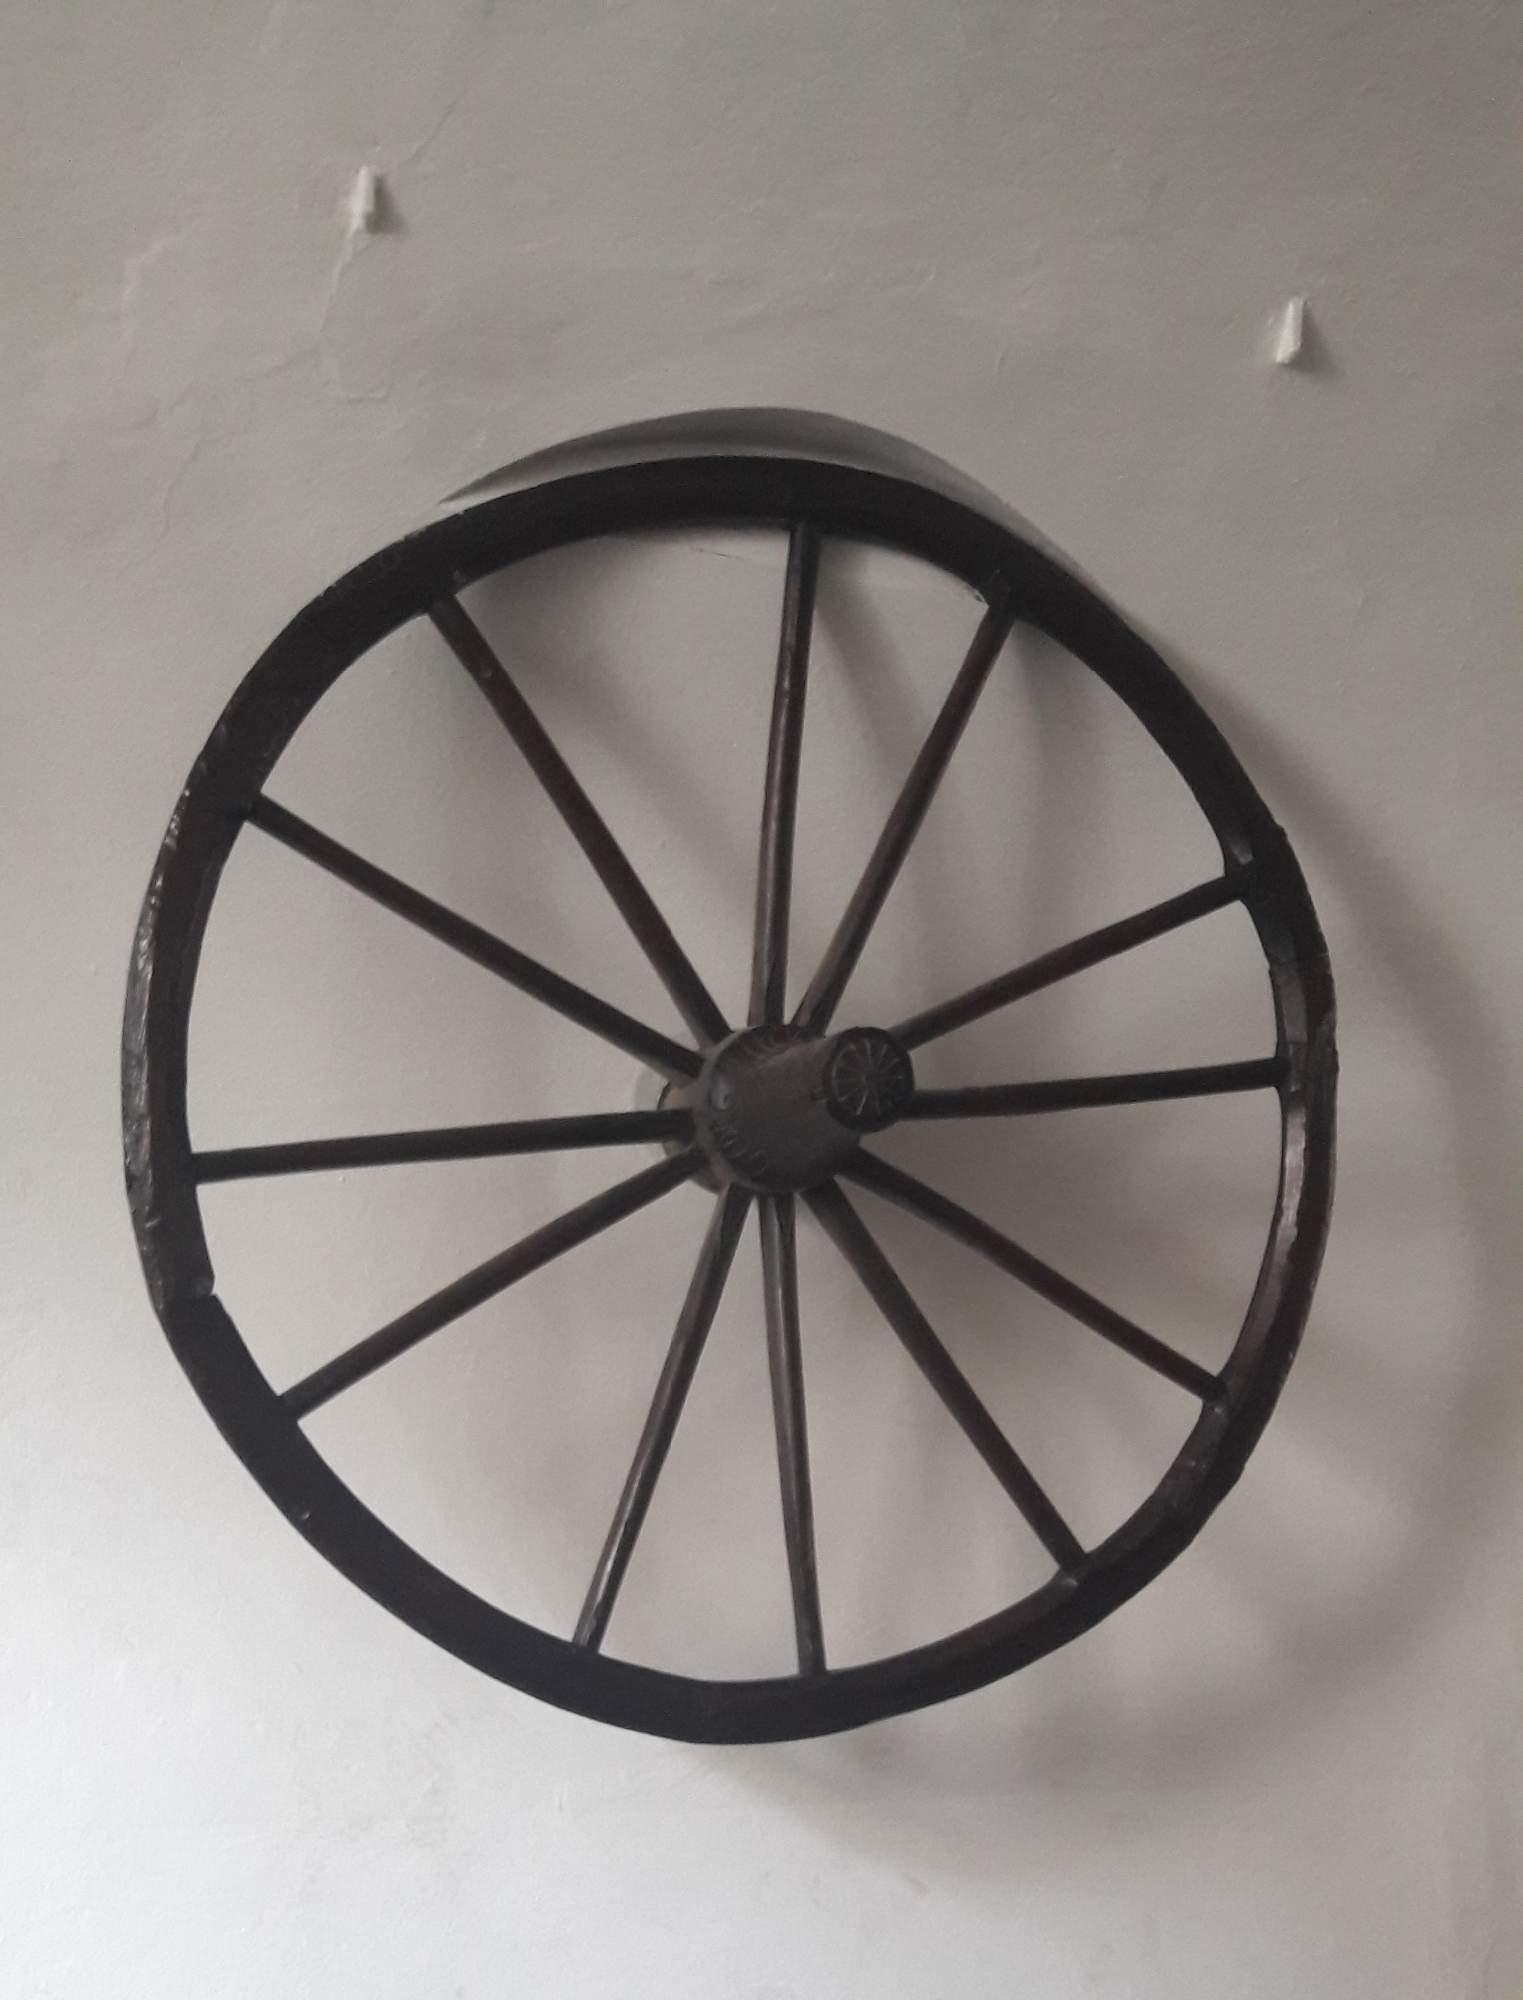 Brněnské kolo je jednou z hlavních atributů města Brna. FOTO: Tereza Hálová